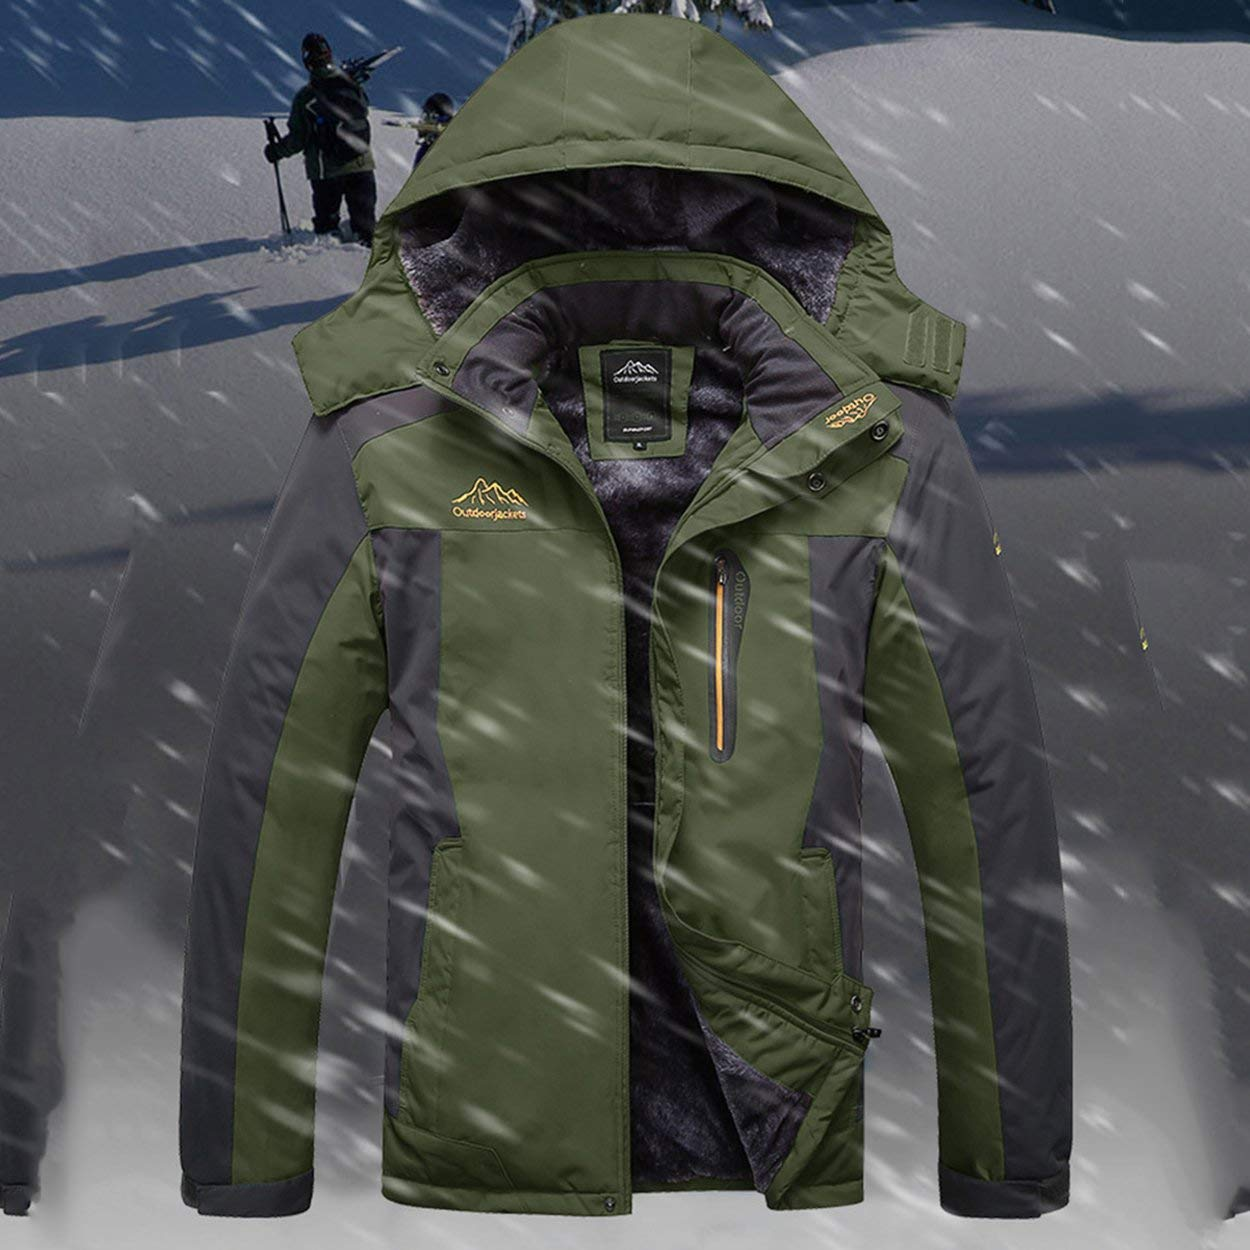 Armée verte XXL Lorenlli Hommes Femmes Hiver Chaud Ski Veste à Capuche Alpinisme en Plein Air Manteau Coupe-Vent Manteau étanche Coupe-Vent Sportswear avec Fermeture à Glissière